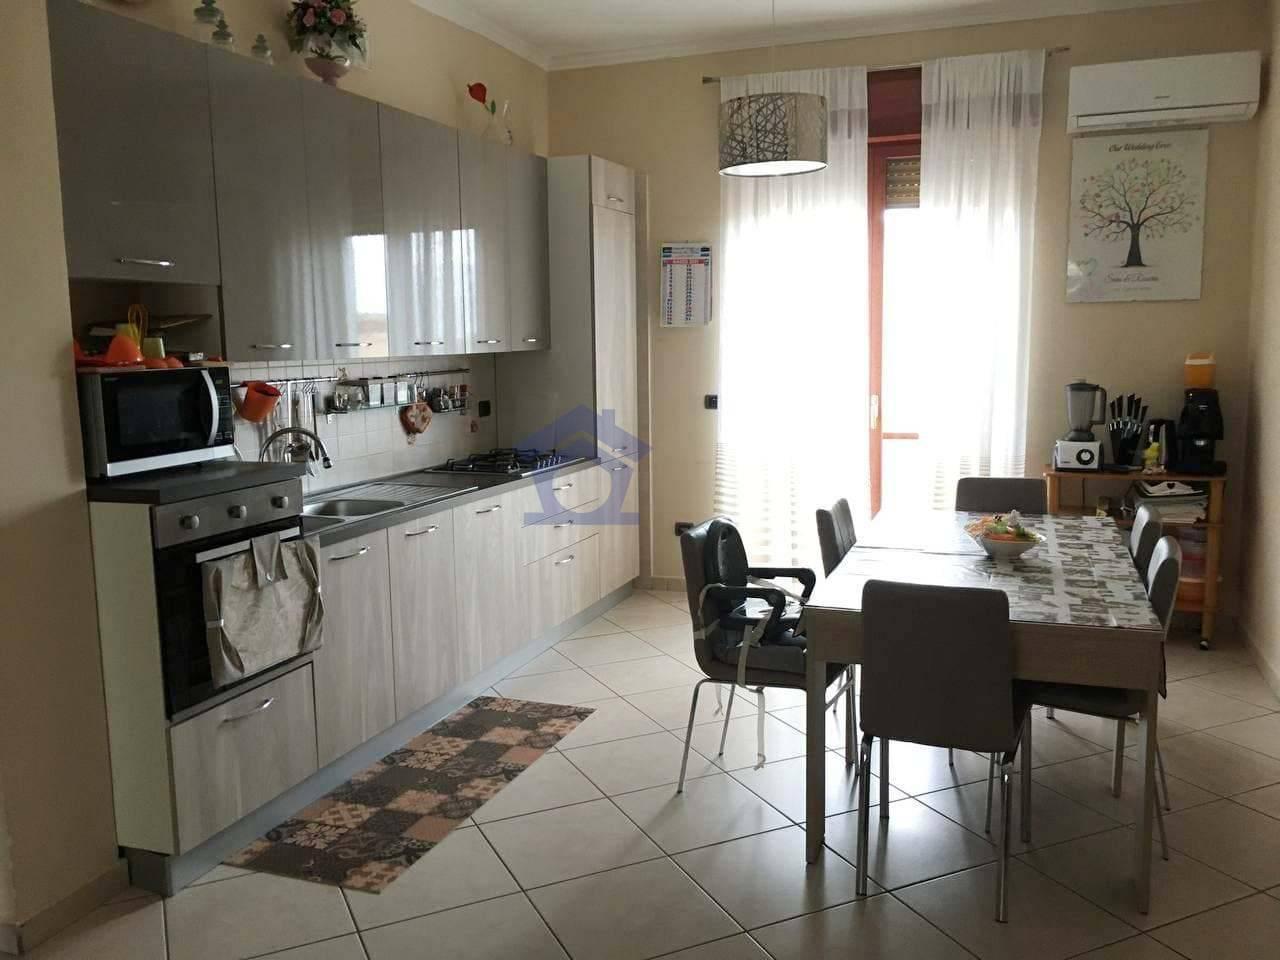 Appartamento in vendita a Trecase, 3 locali, zona Località: trecase, prezzo € 145.000 | CambioCasa.it